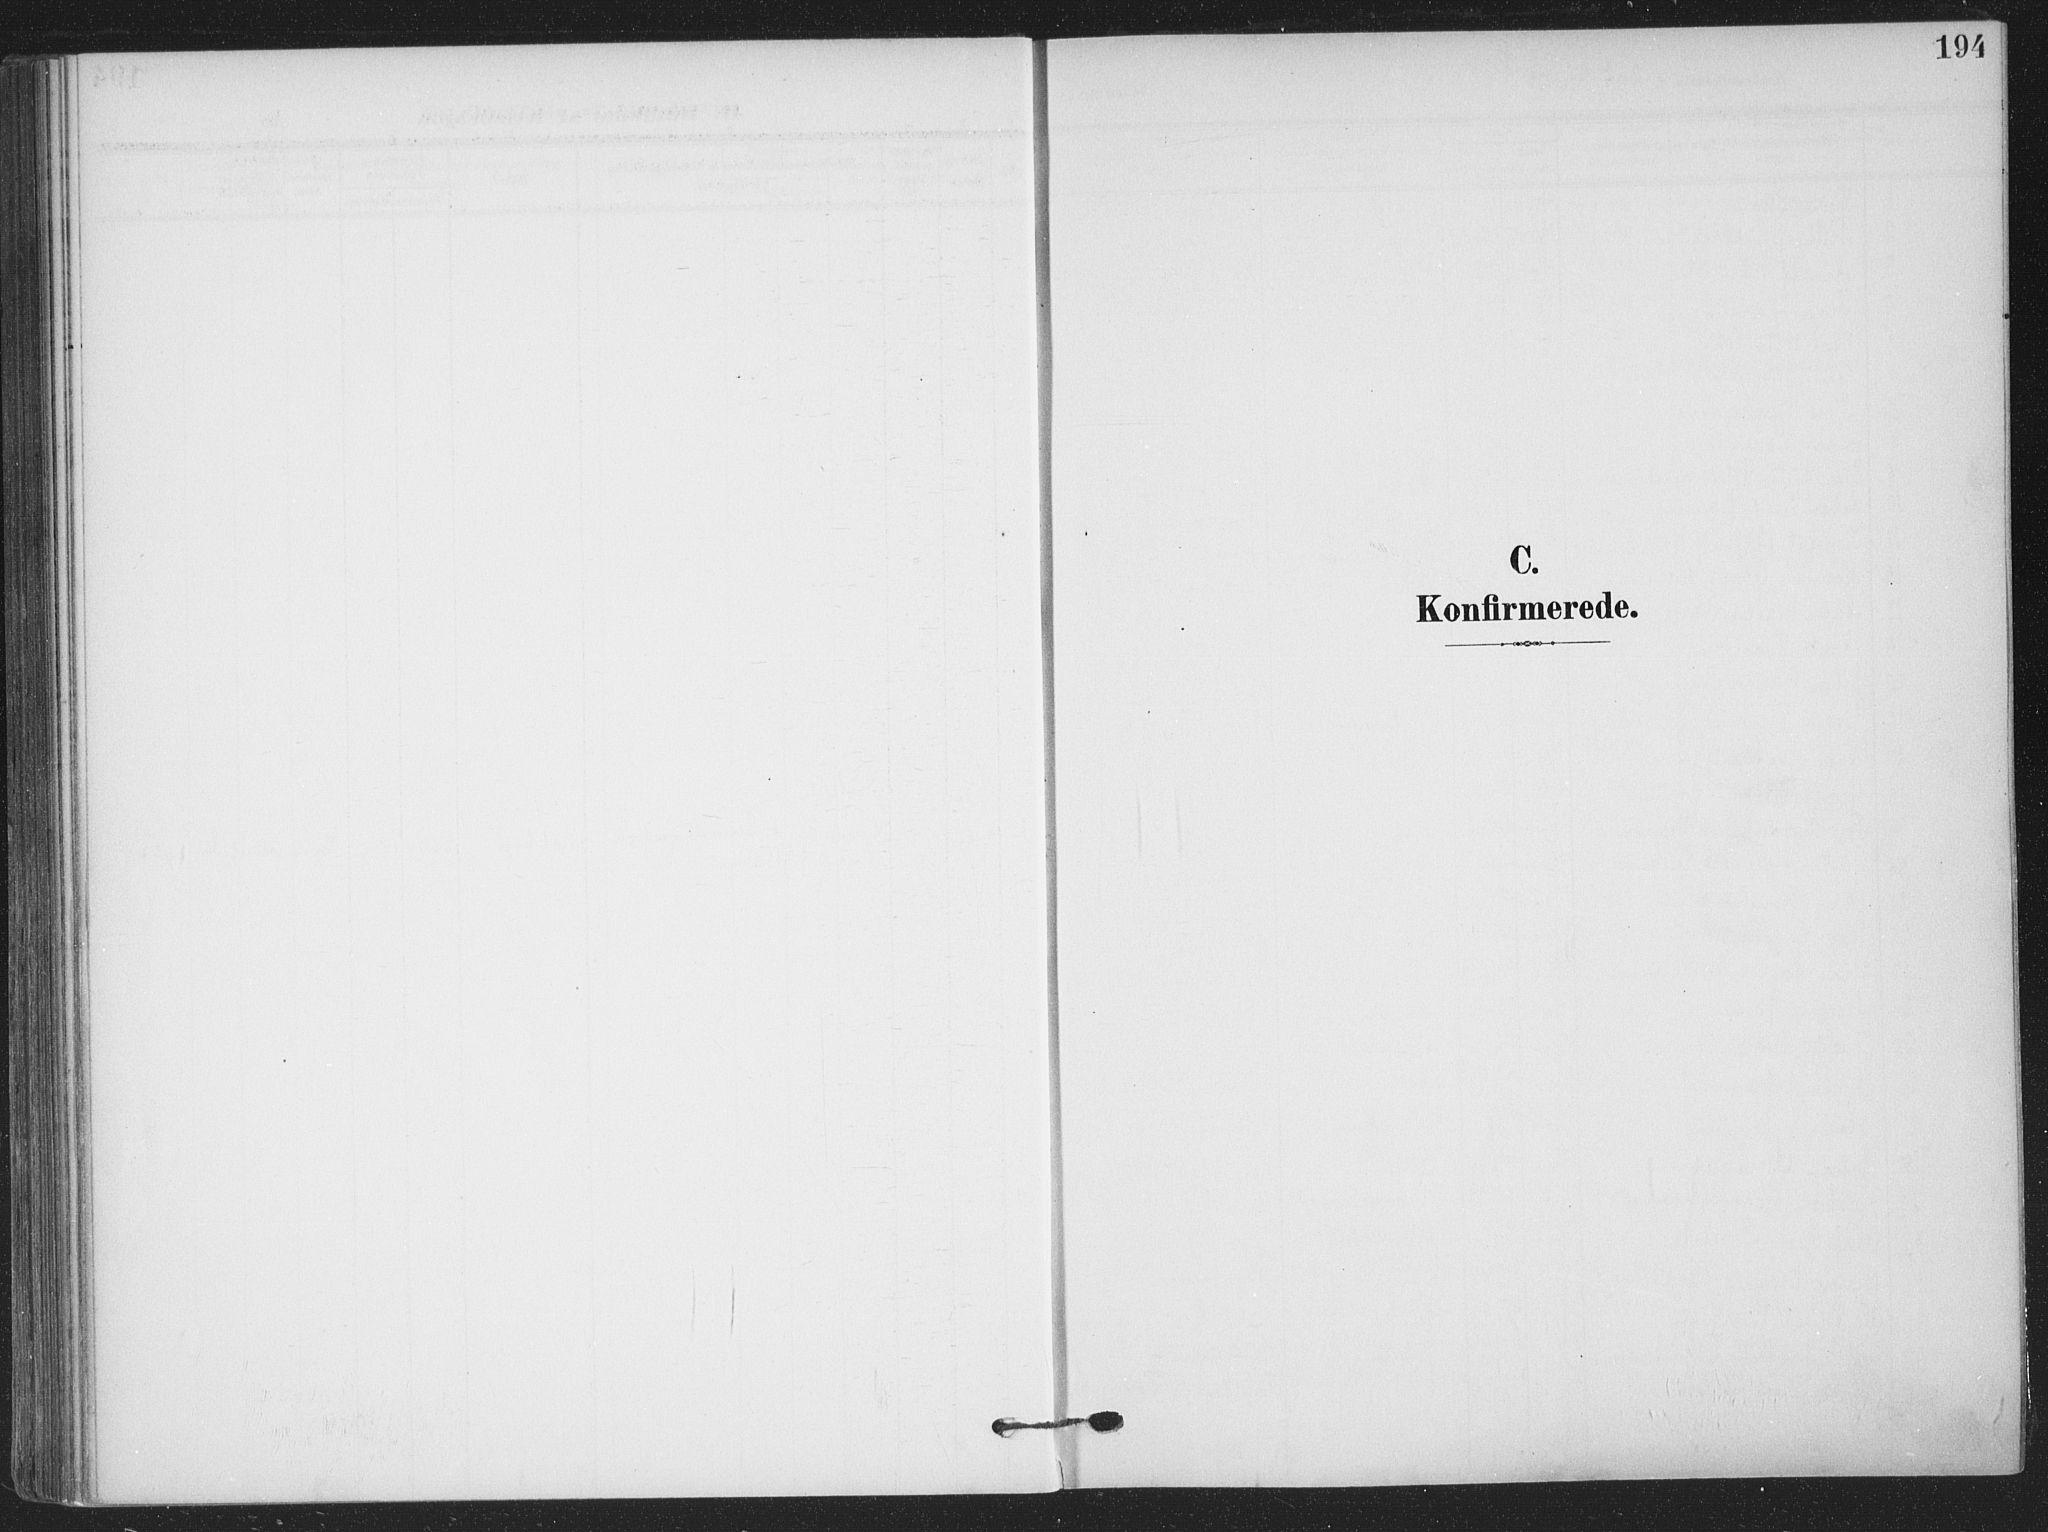 SAKO, Skien kirkebøker, F/Fa/L0012: Ministerialbok nr. 12, 1908-1914, s. 194